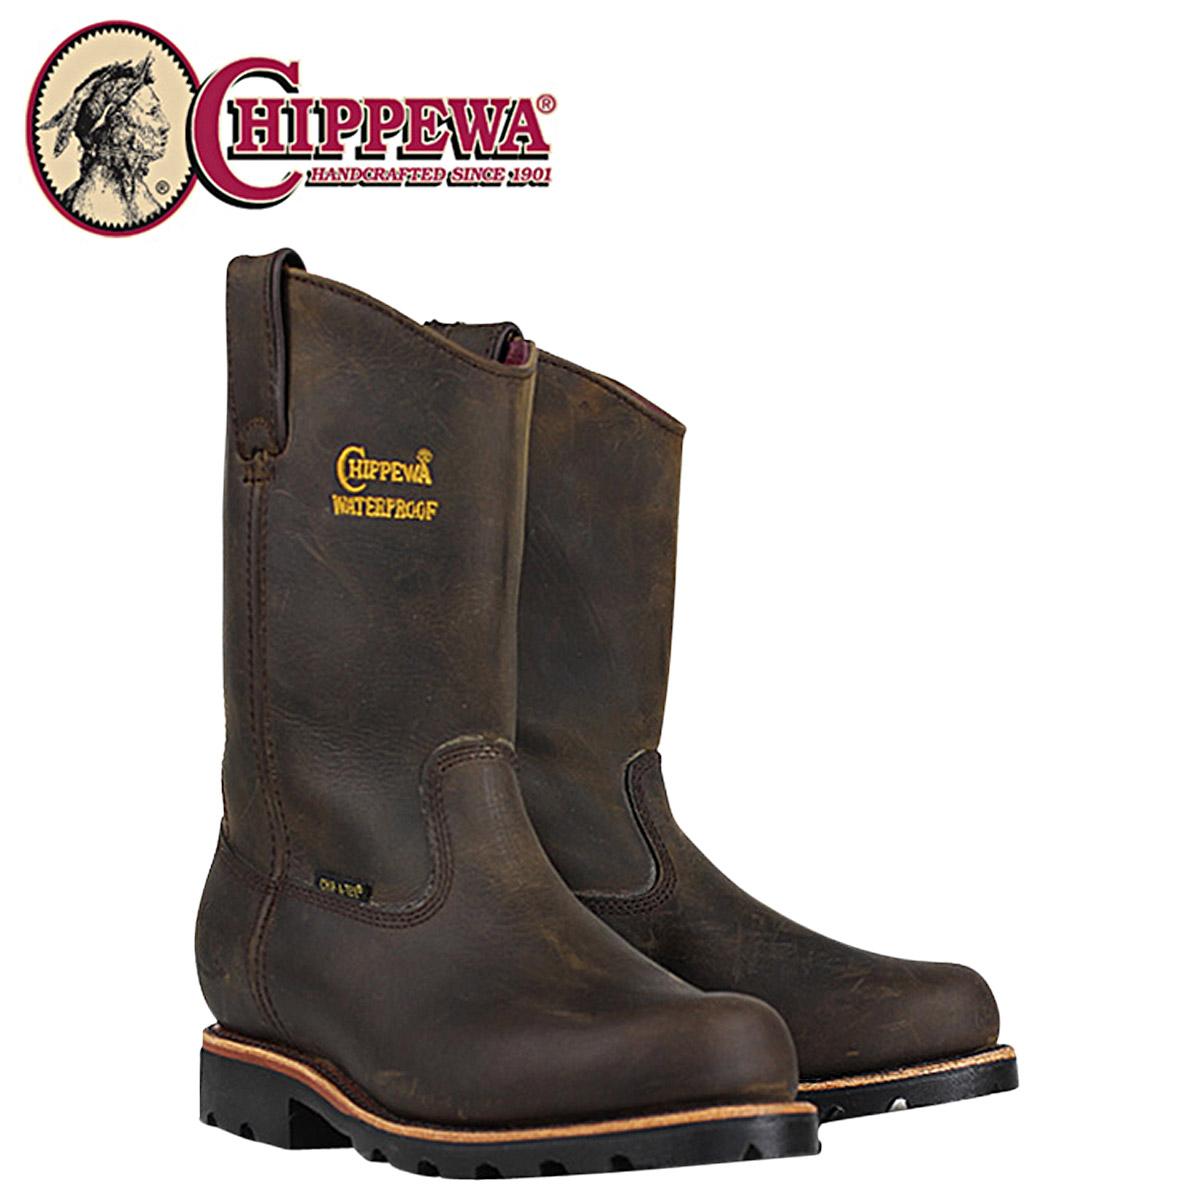 奇珀瓦奇珀瓦 10 英寸工作靴 [湾 Apache] 25216 10 英寸湾疯狂马防水 2 智者皮革男式湾阿帕奇